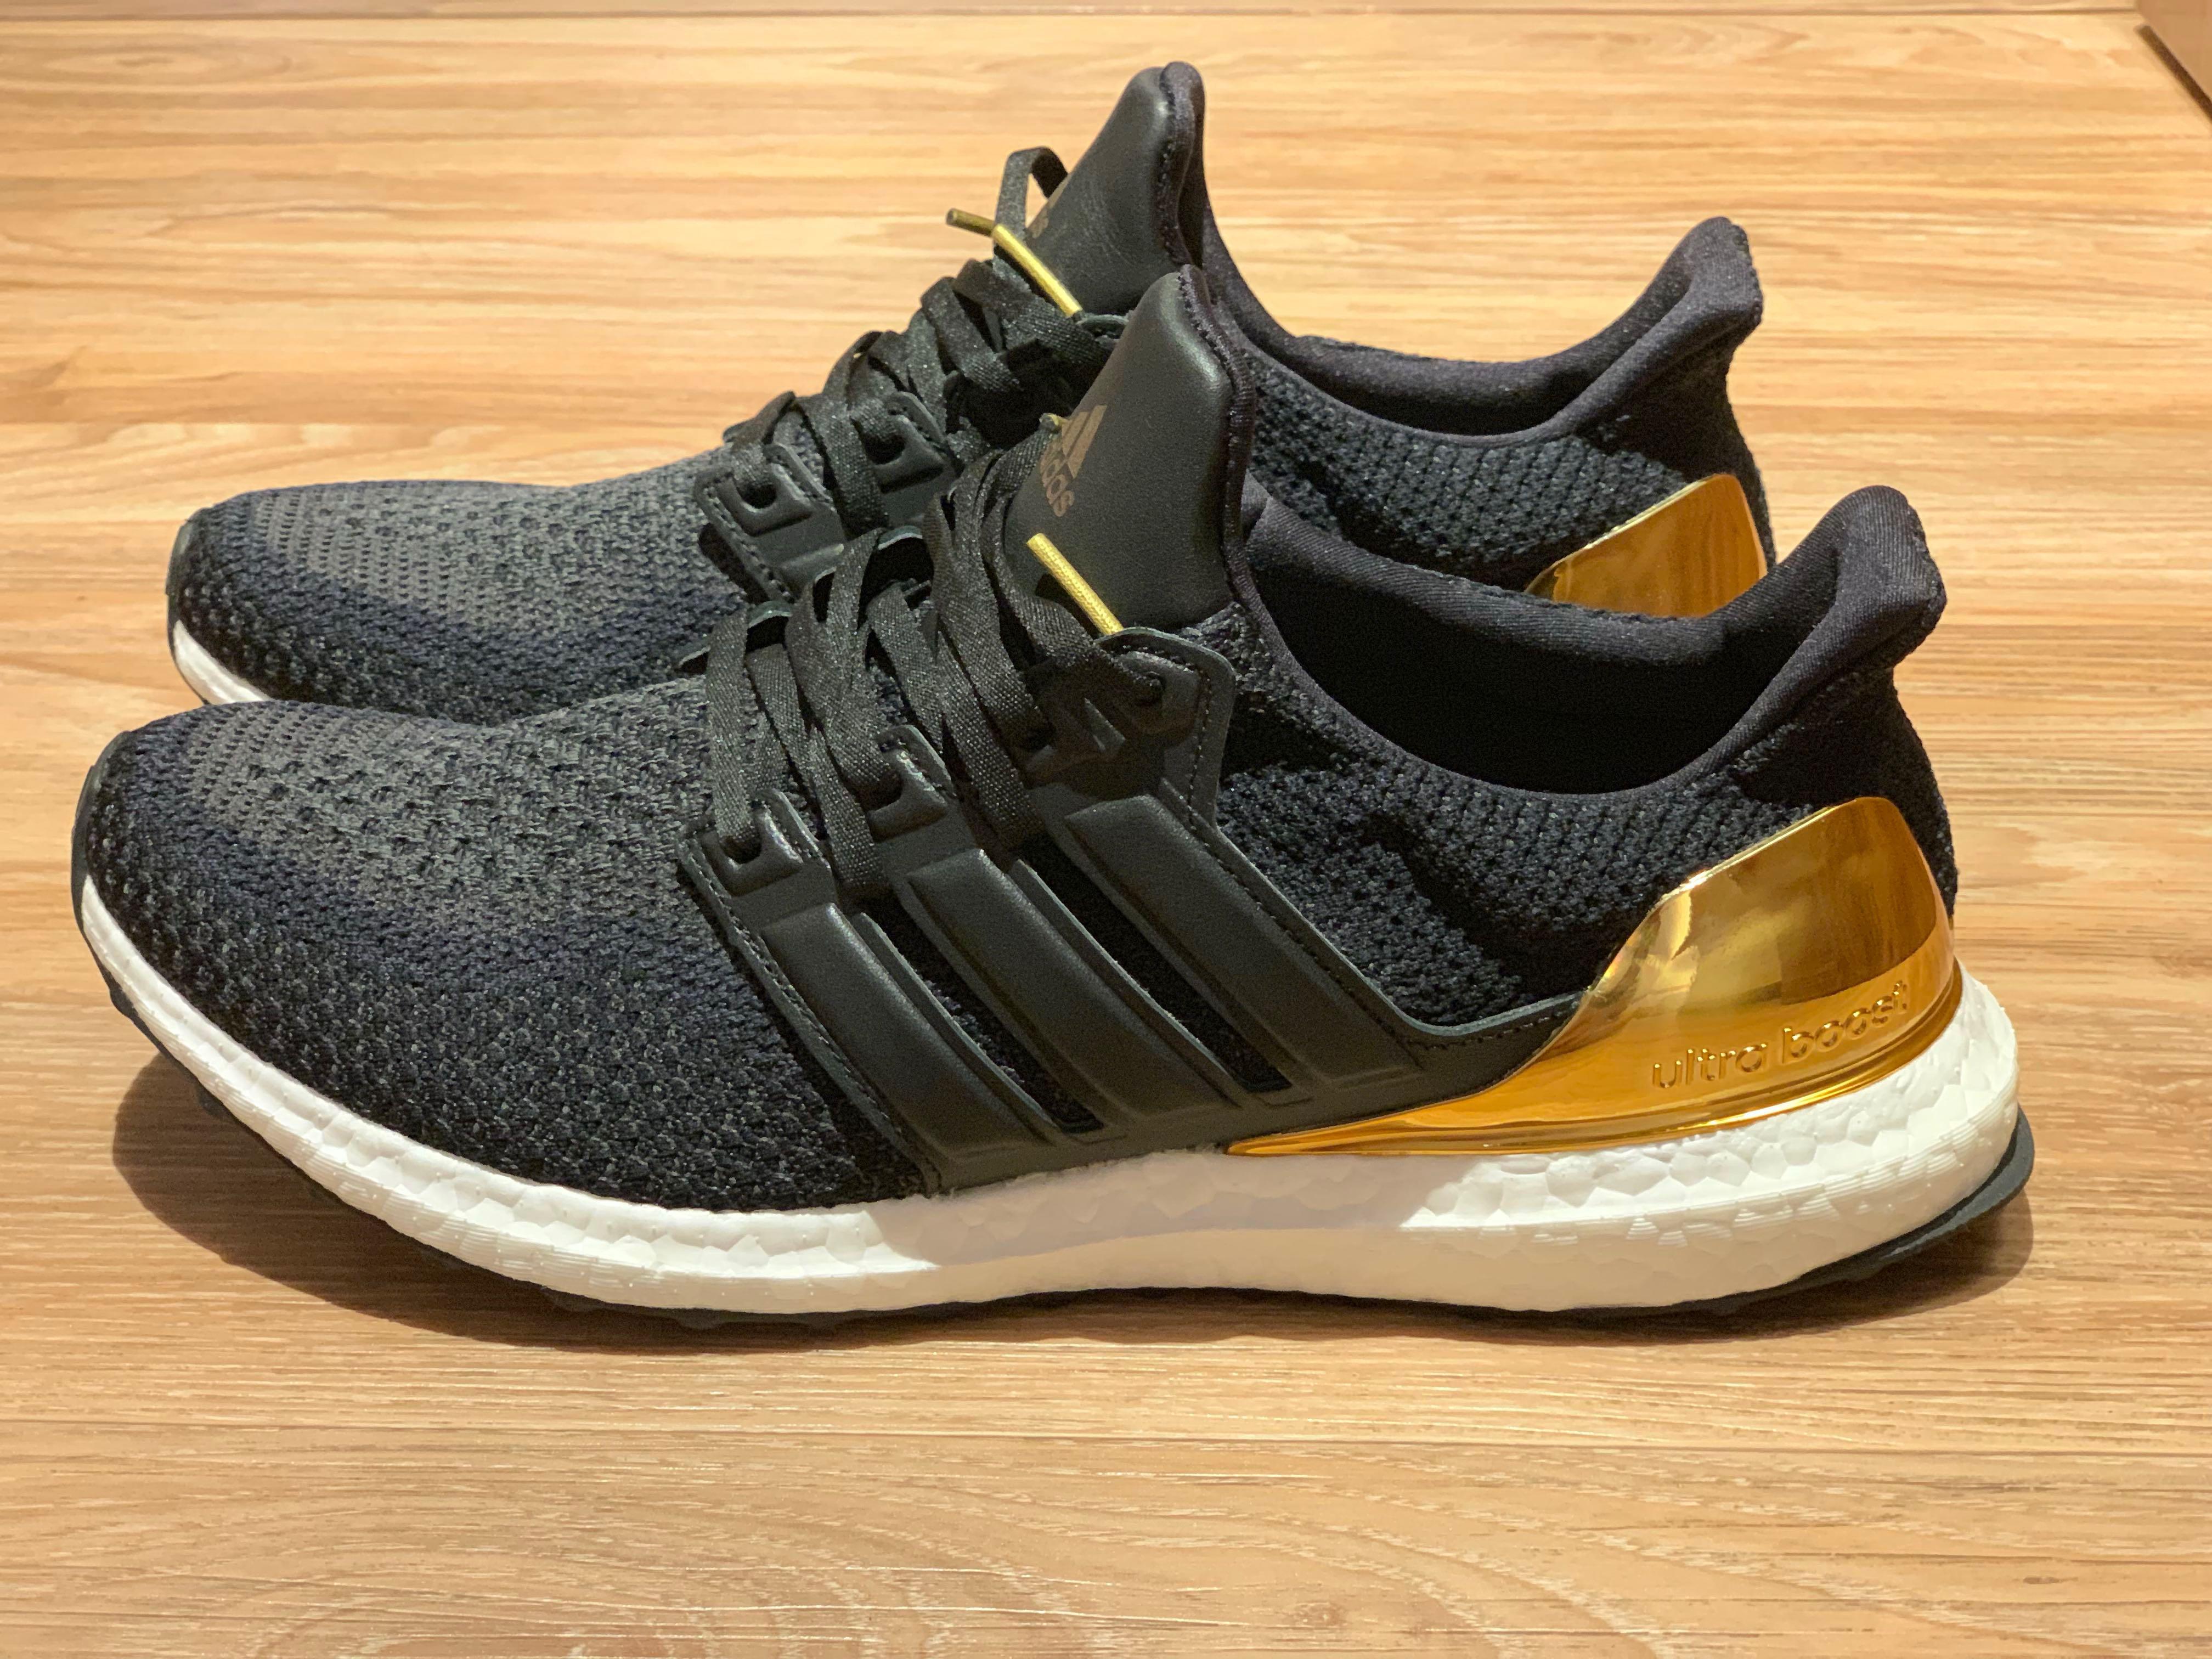 e78c7ed857573 Adidas Ultra Boost